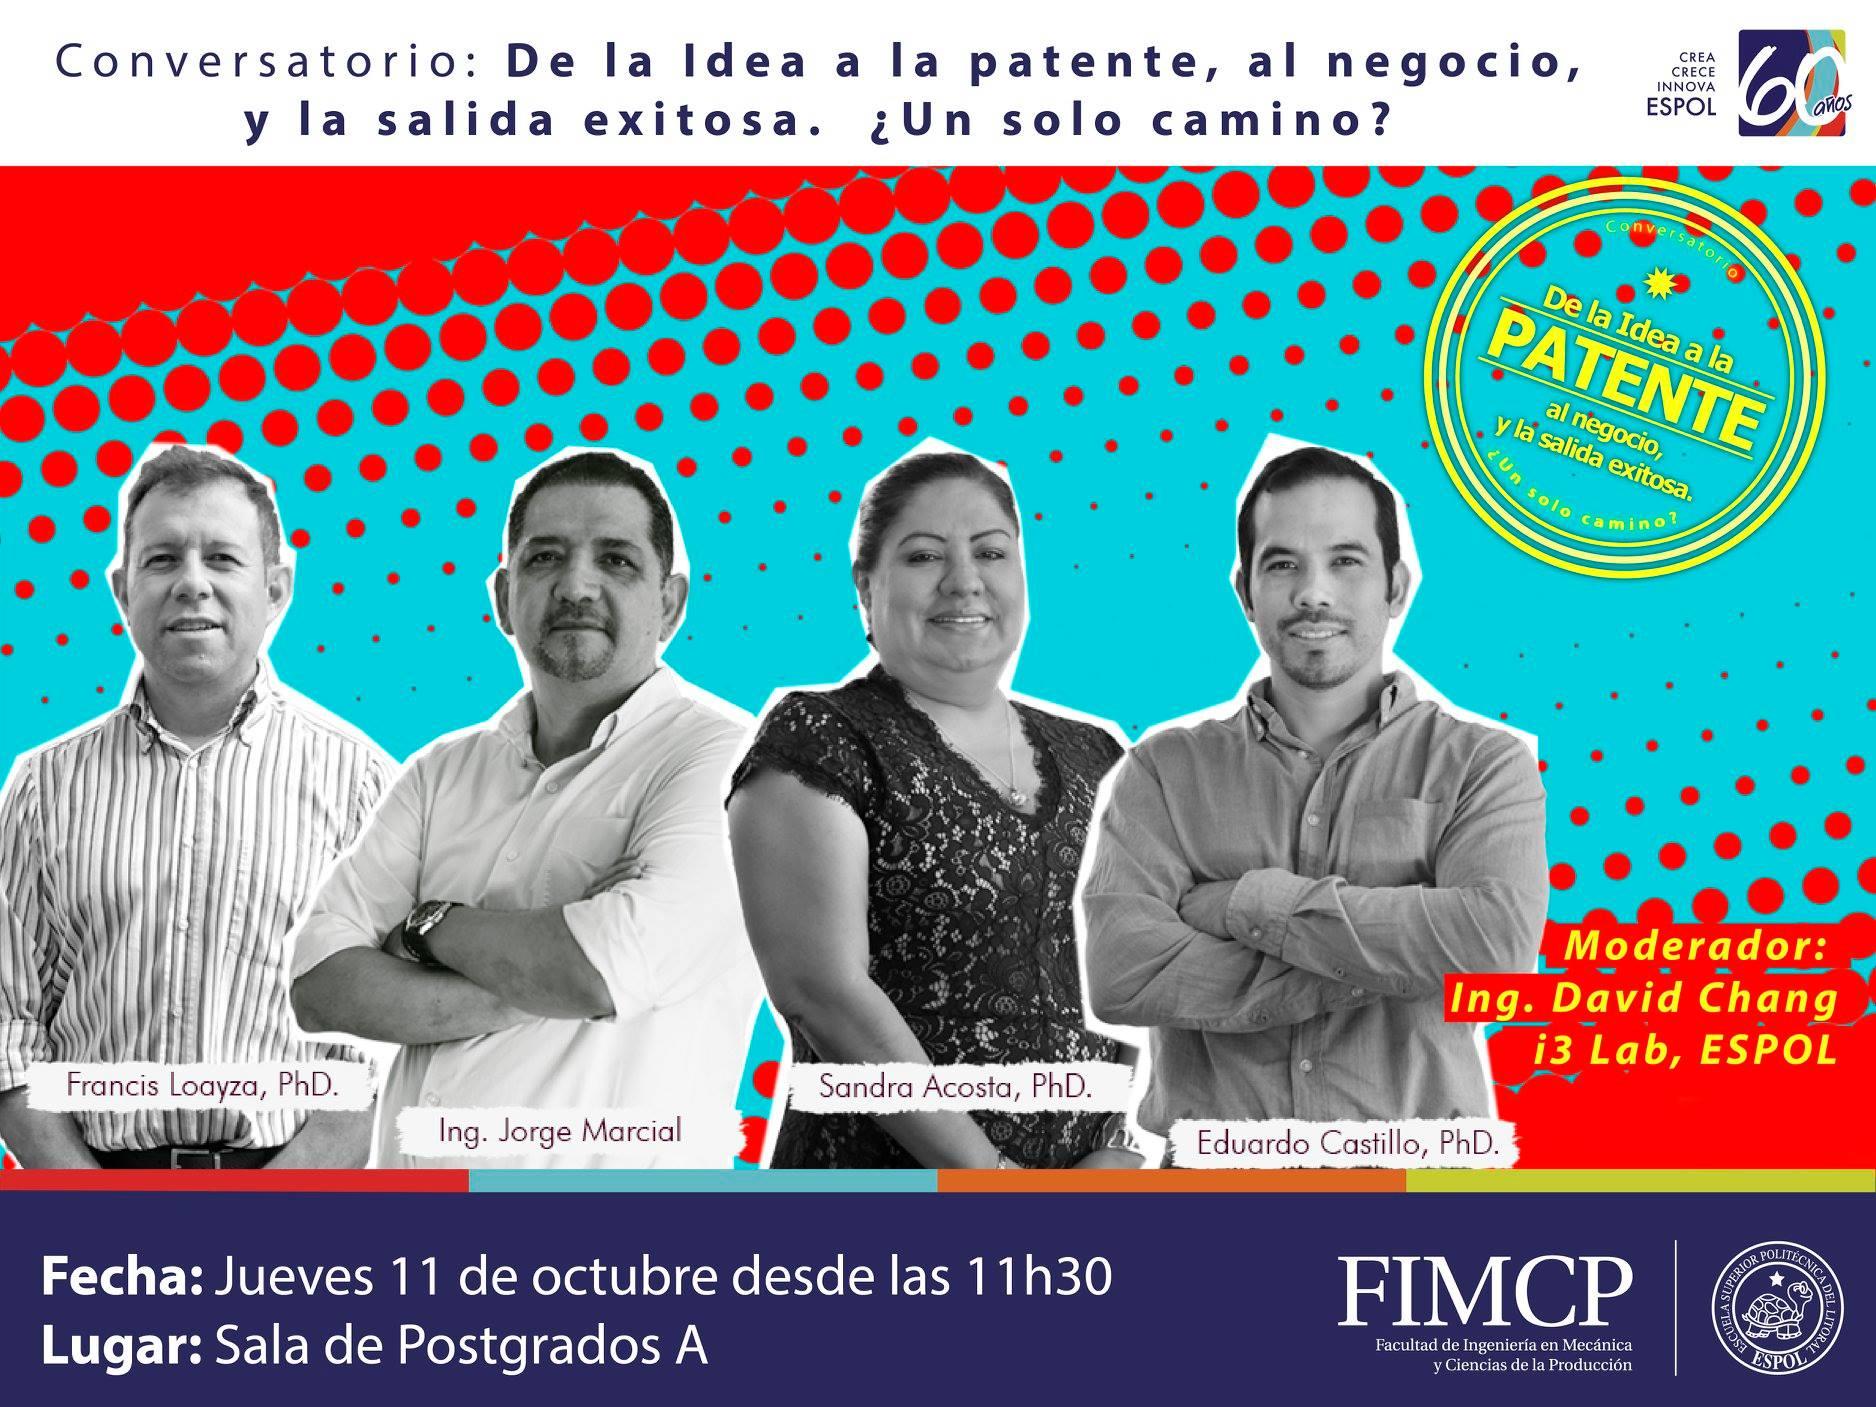 Conversatorio: De la idea a la patente, al negocio y a la salida exitosa